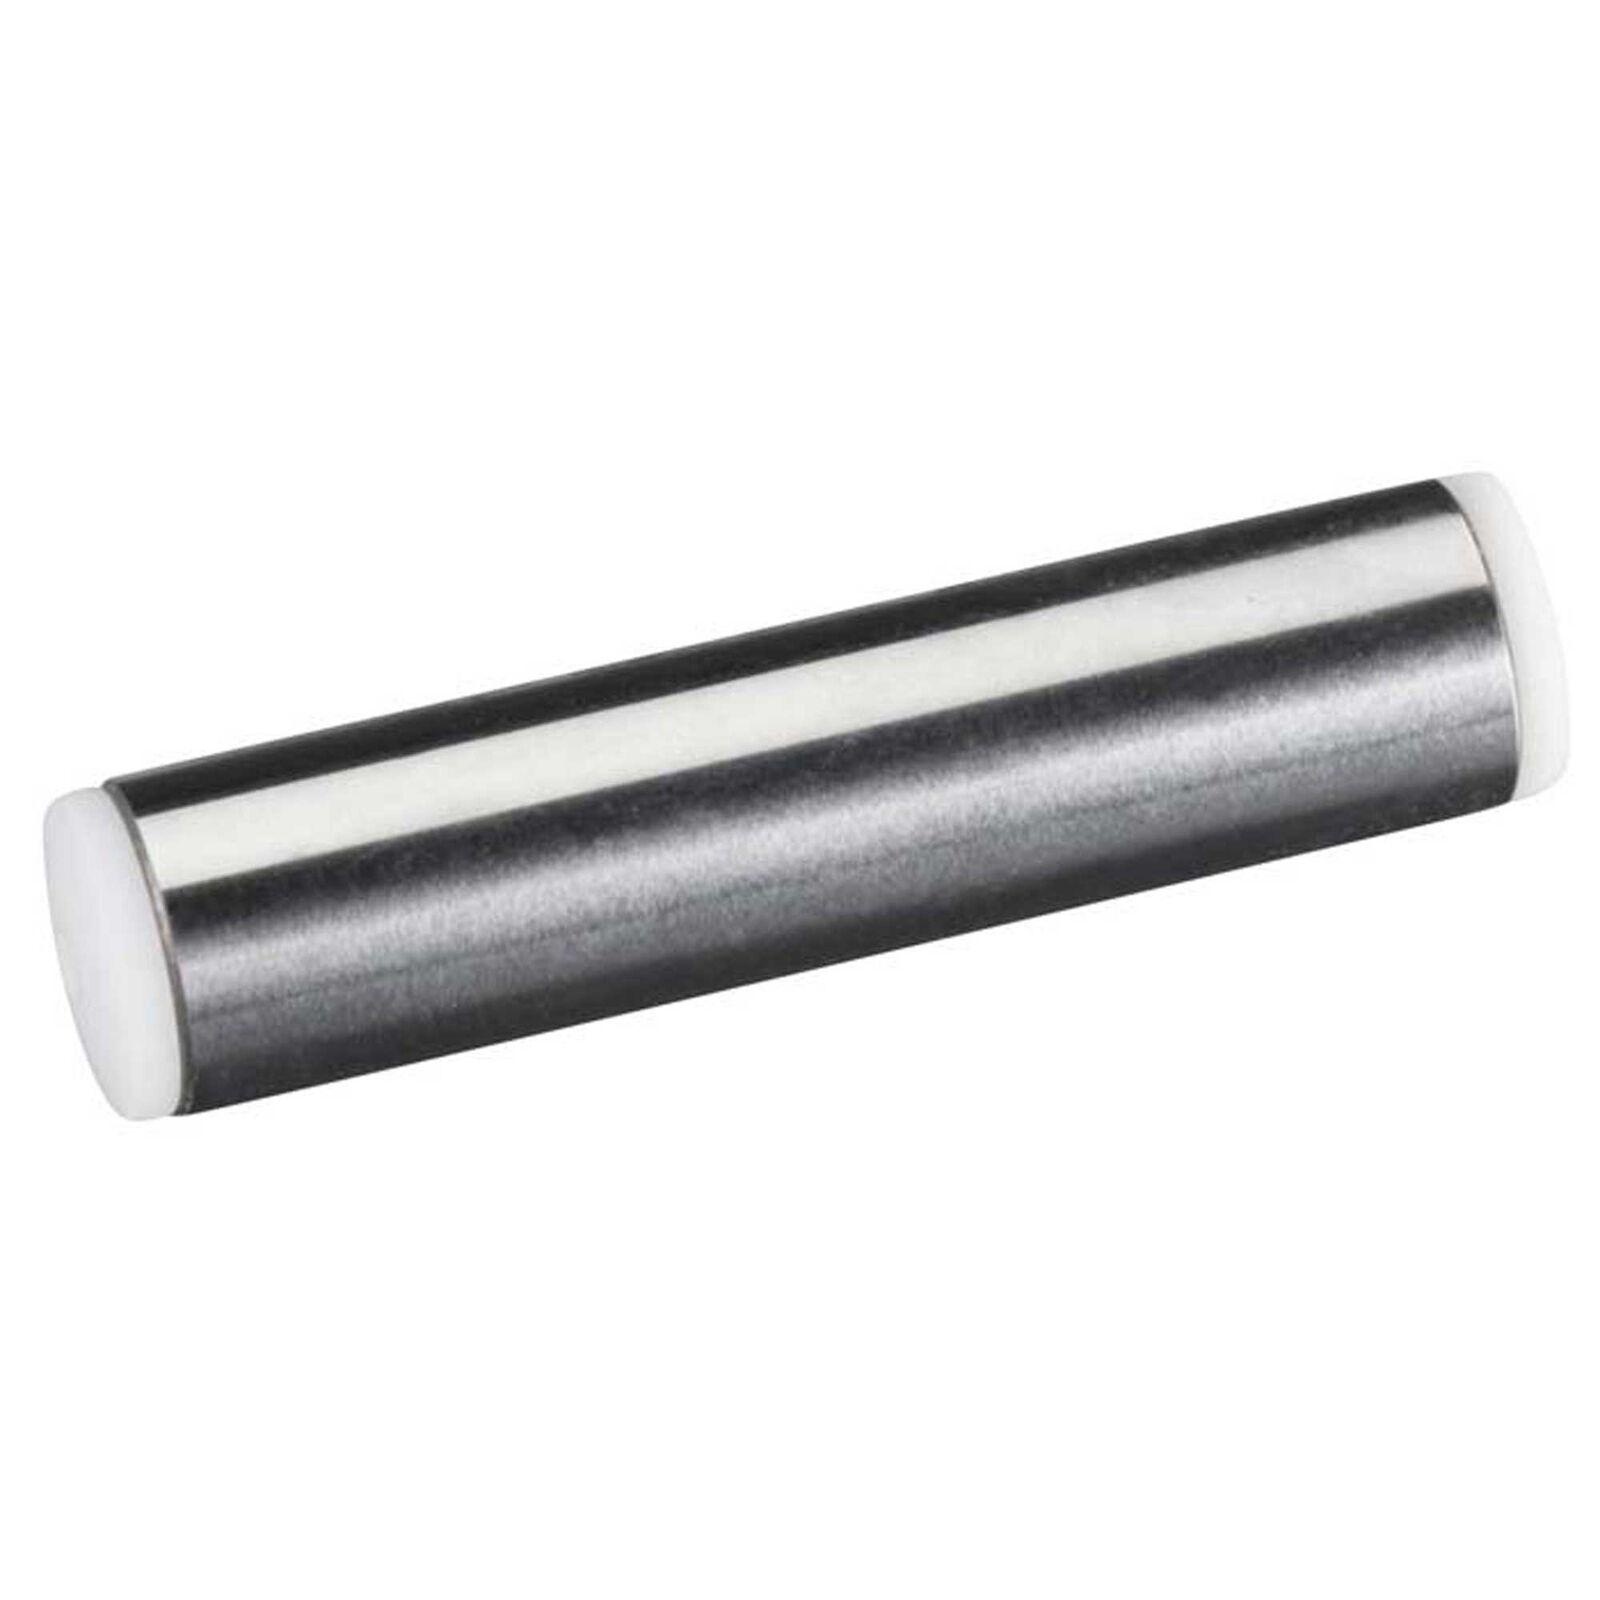 Piston Pin: FS-91 Surpass